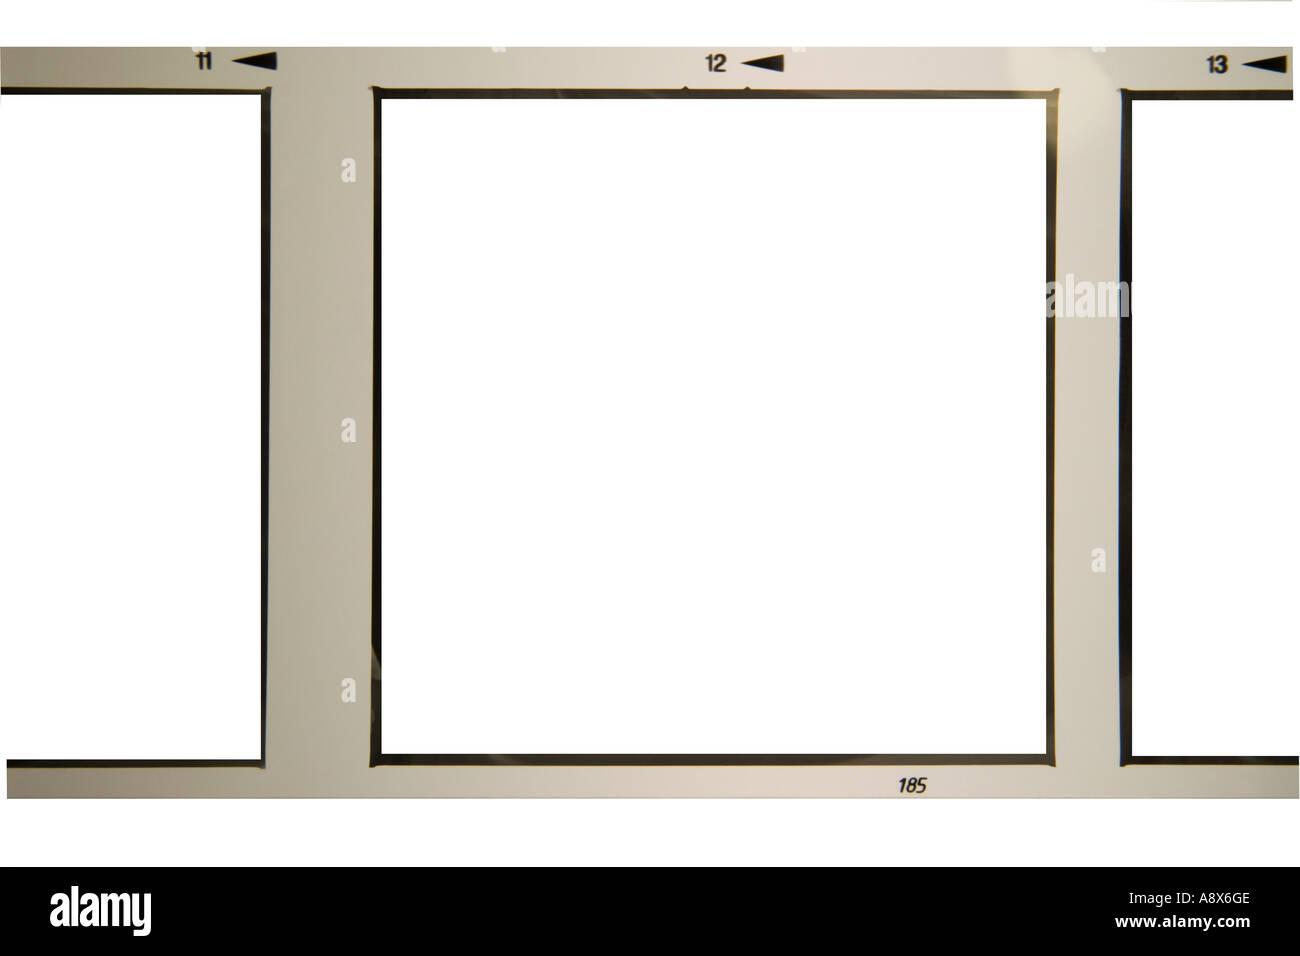 schwarze und weißes quadratische Format verarbeitet Filmstreifen mit entfernten Bilder auf weißem Hintergrund Stockbild